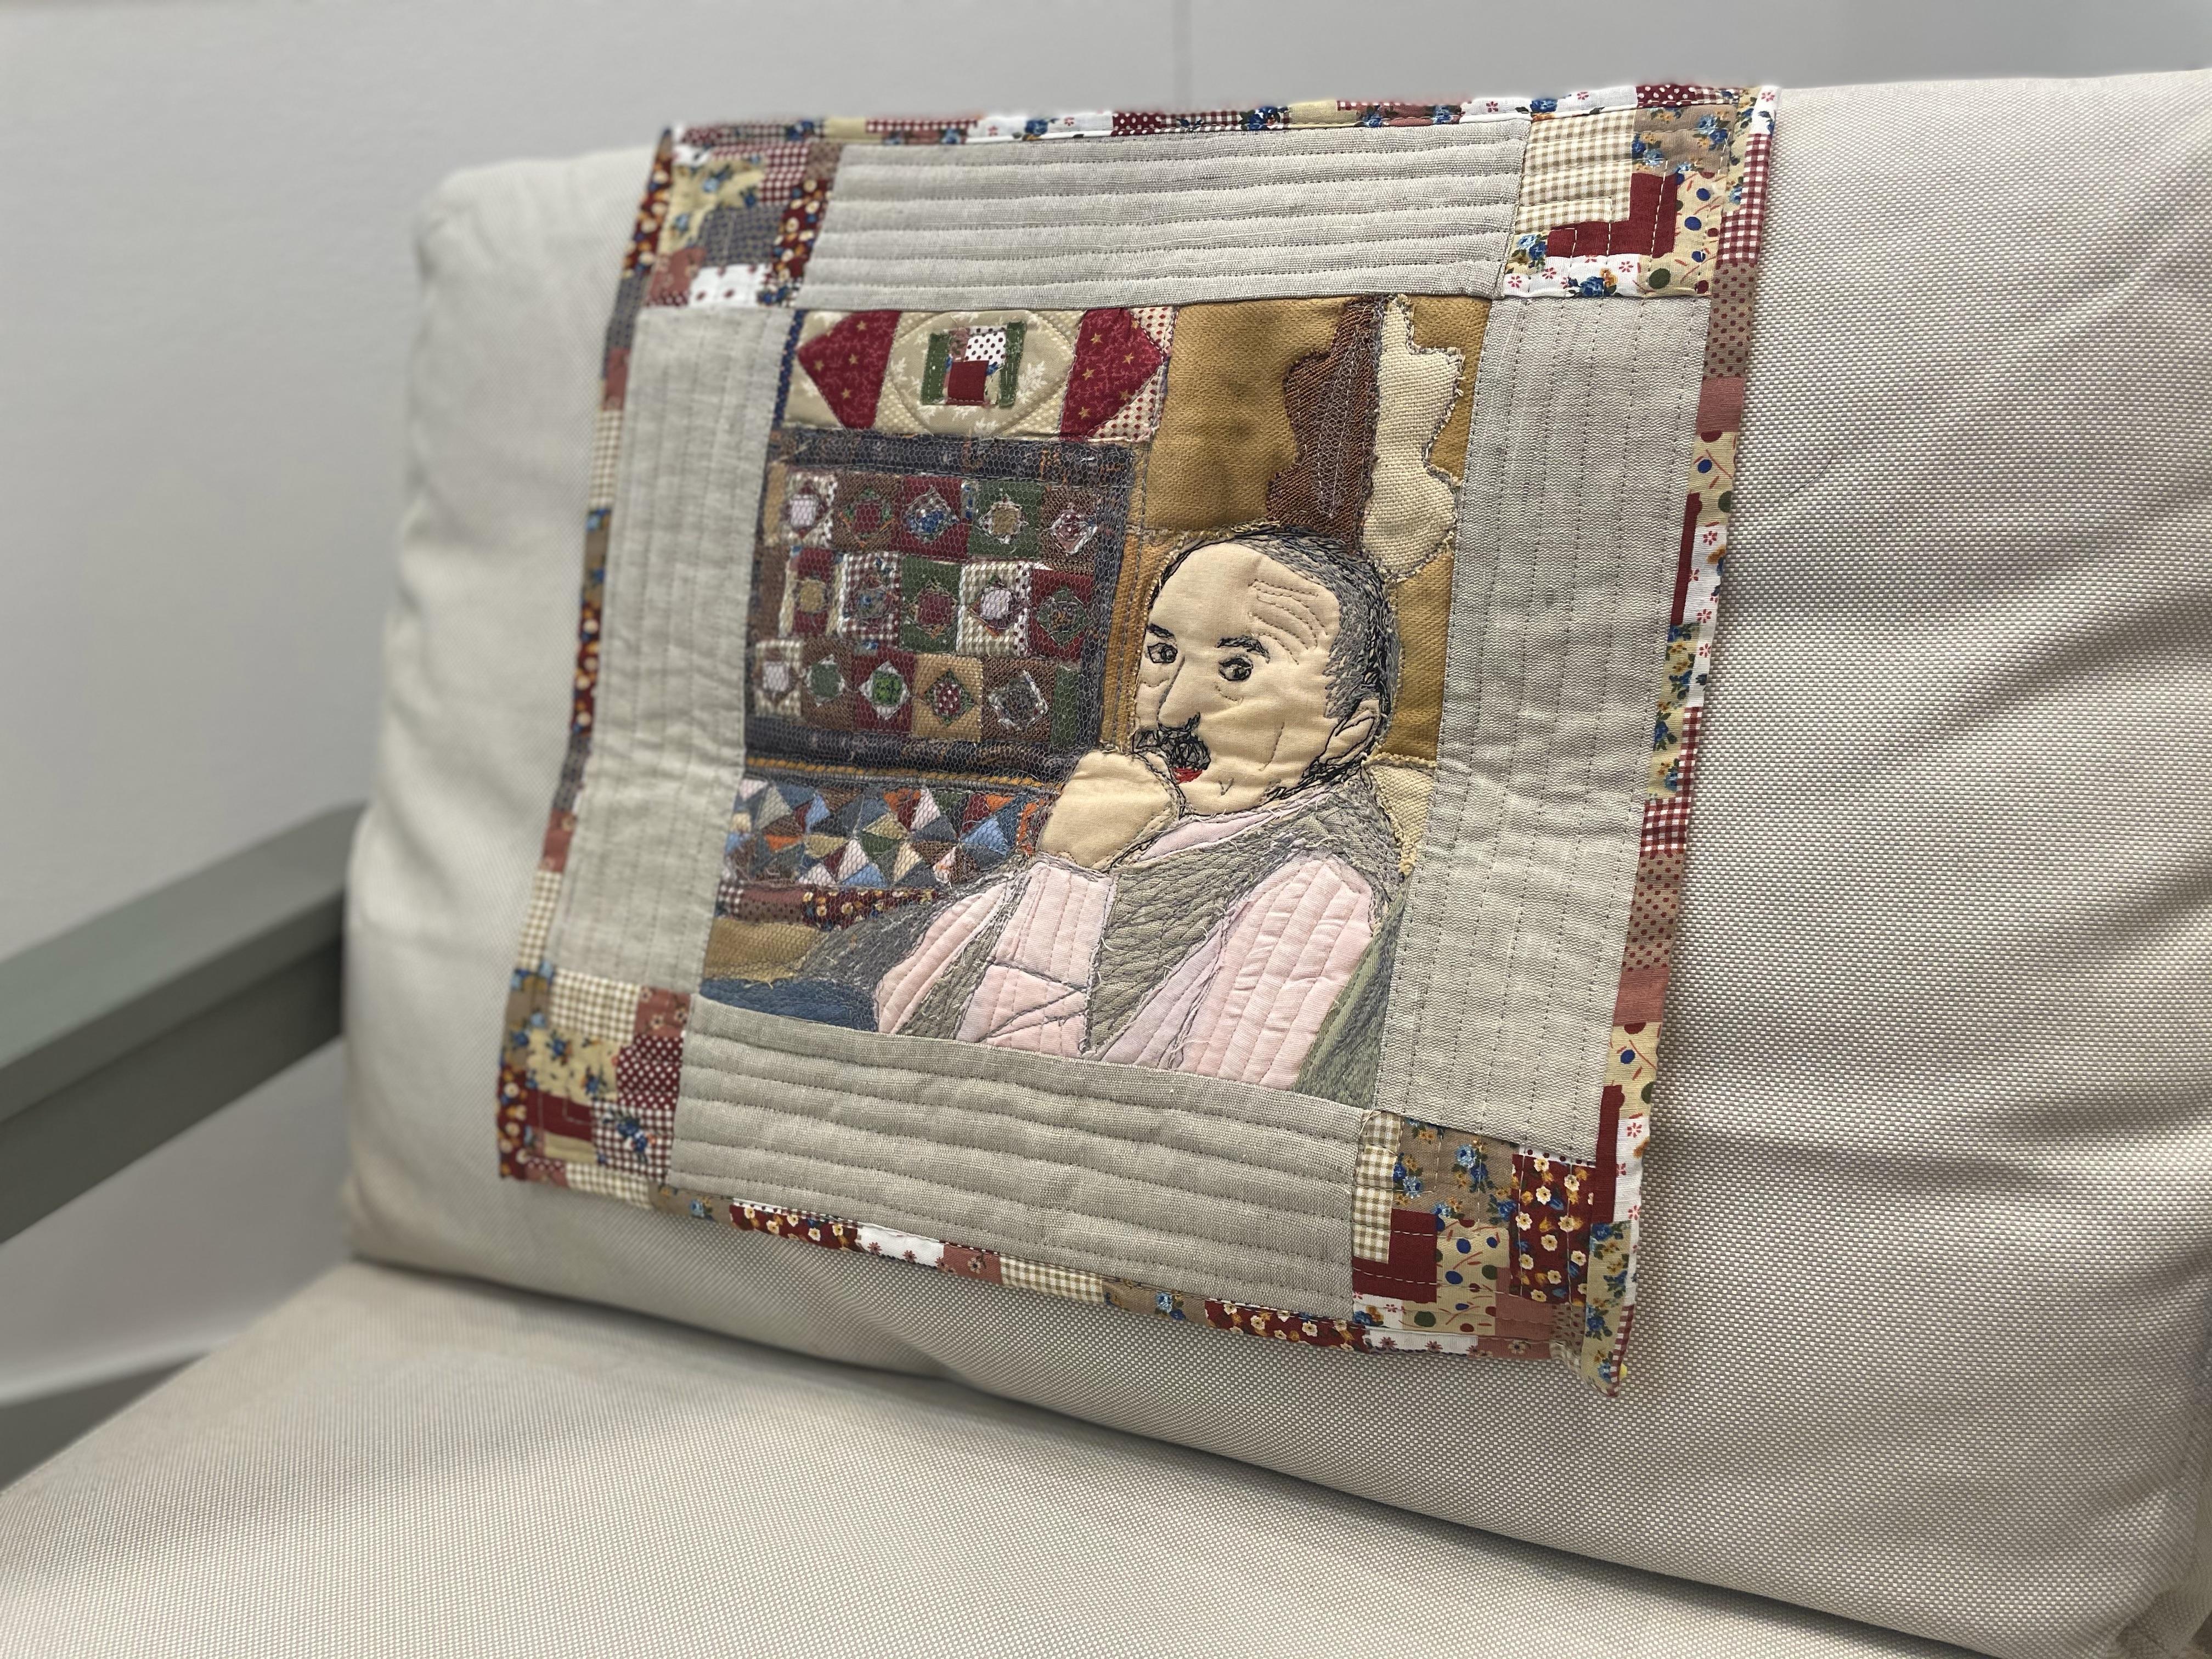 26.07.2021 Выставке «Шедевры лоскутного шитья» в «Манеже».